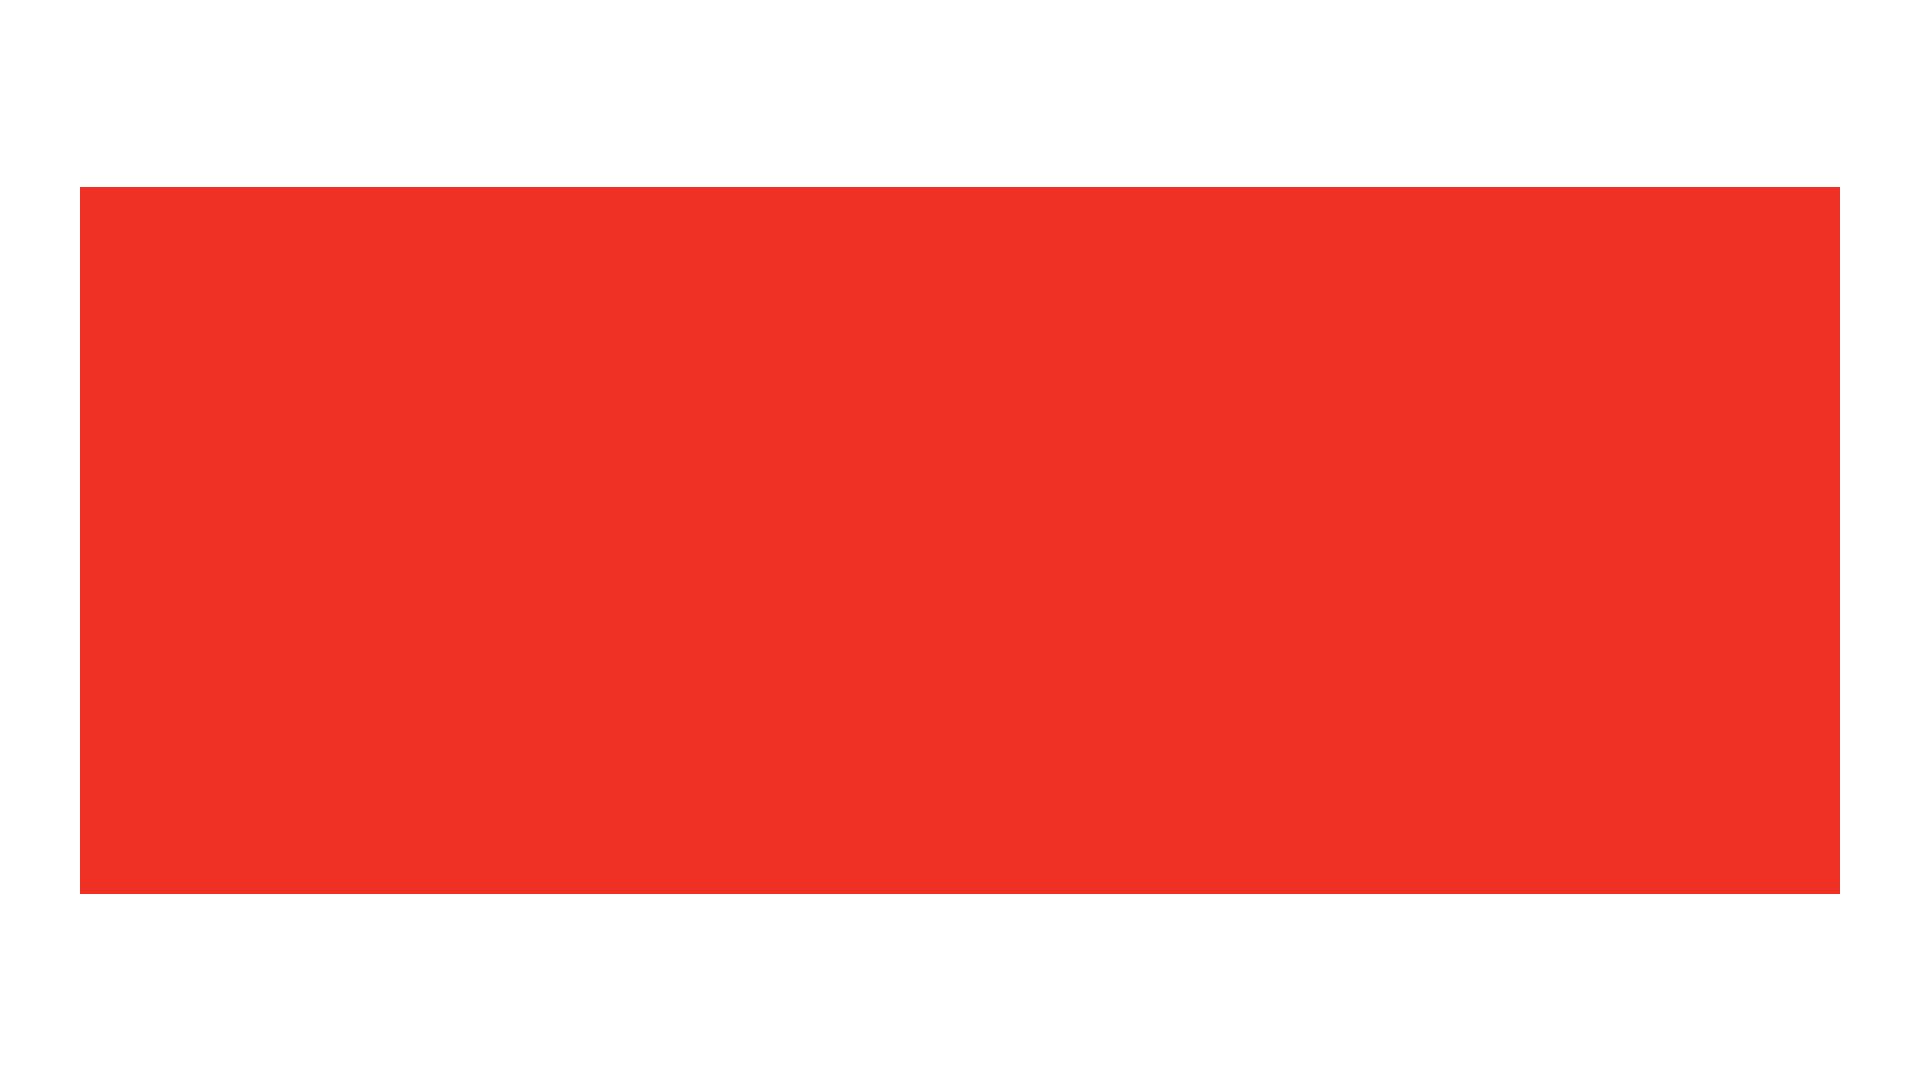 Widerruf der Zulassung: Fury 10 EW